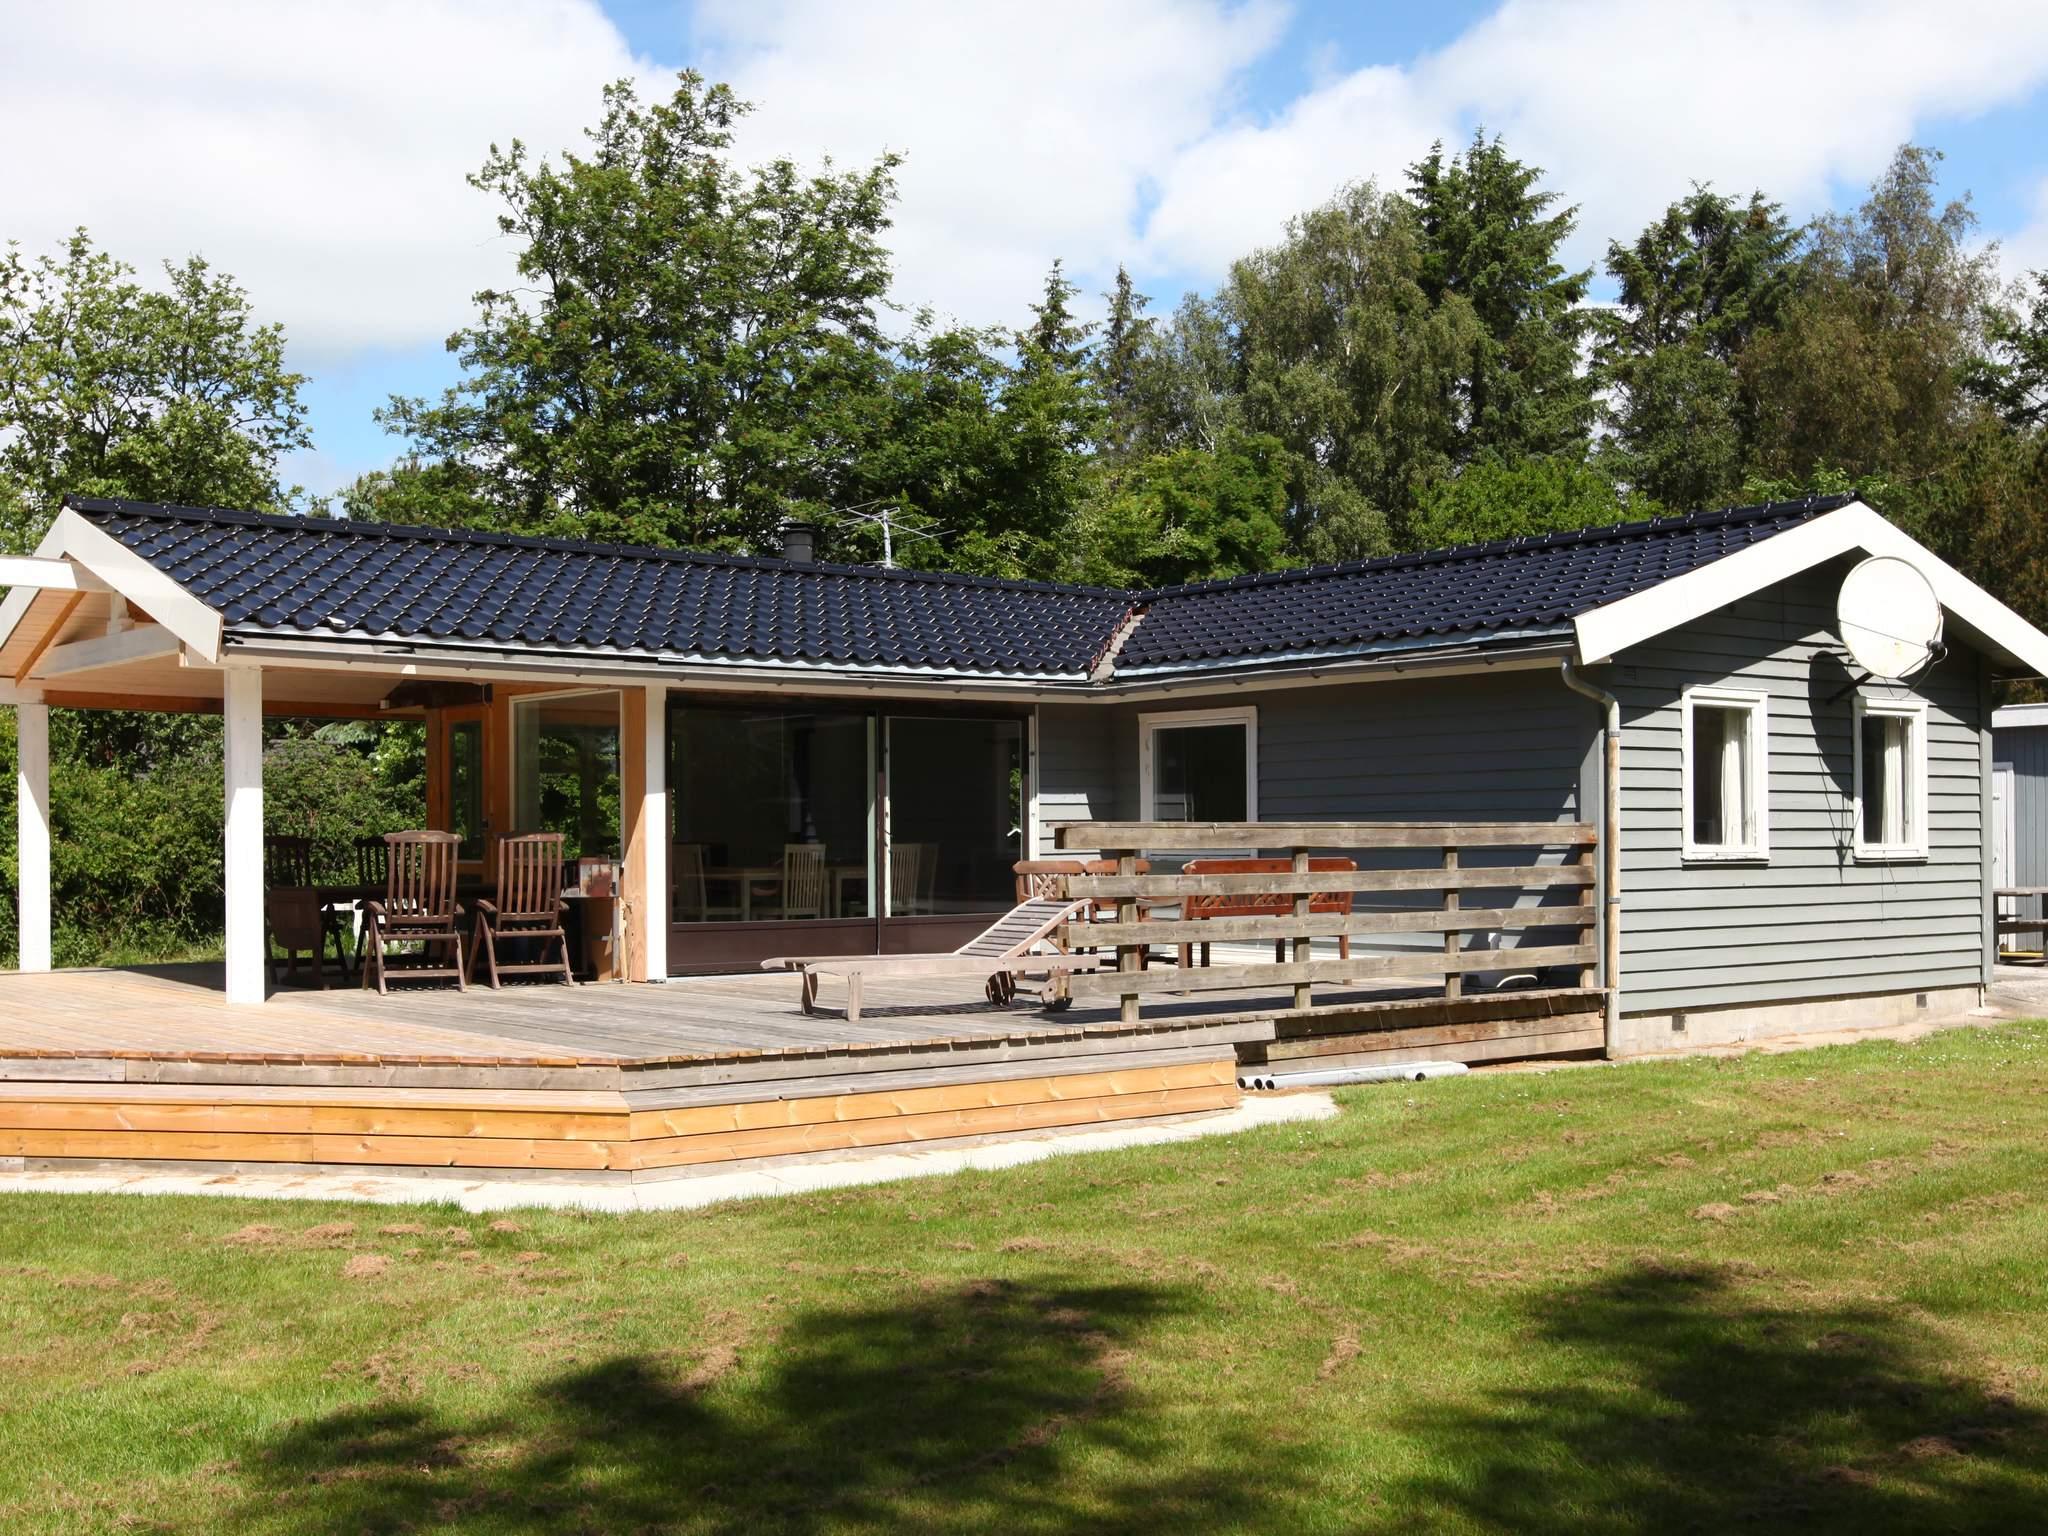 Ferienhaus Hummingen (89267), Hummingen, , Lolland, Dänemark, Bild 14